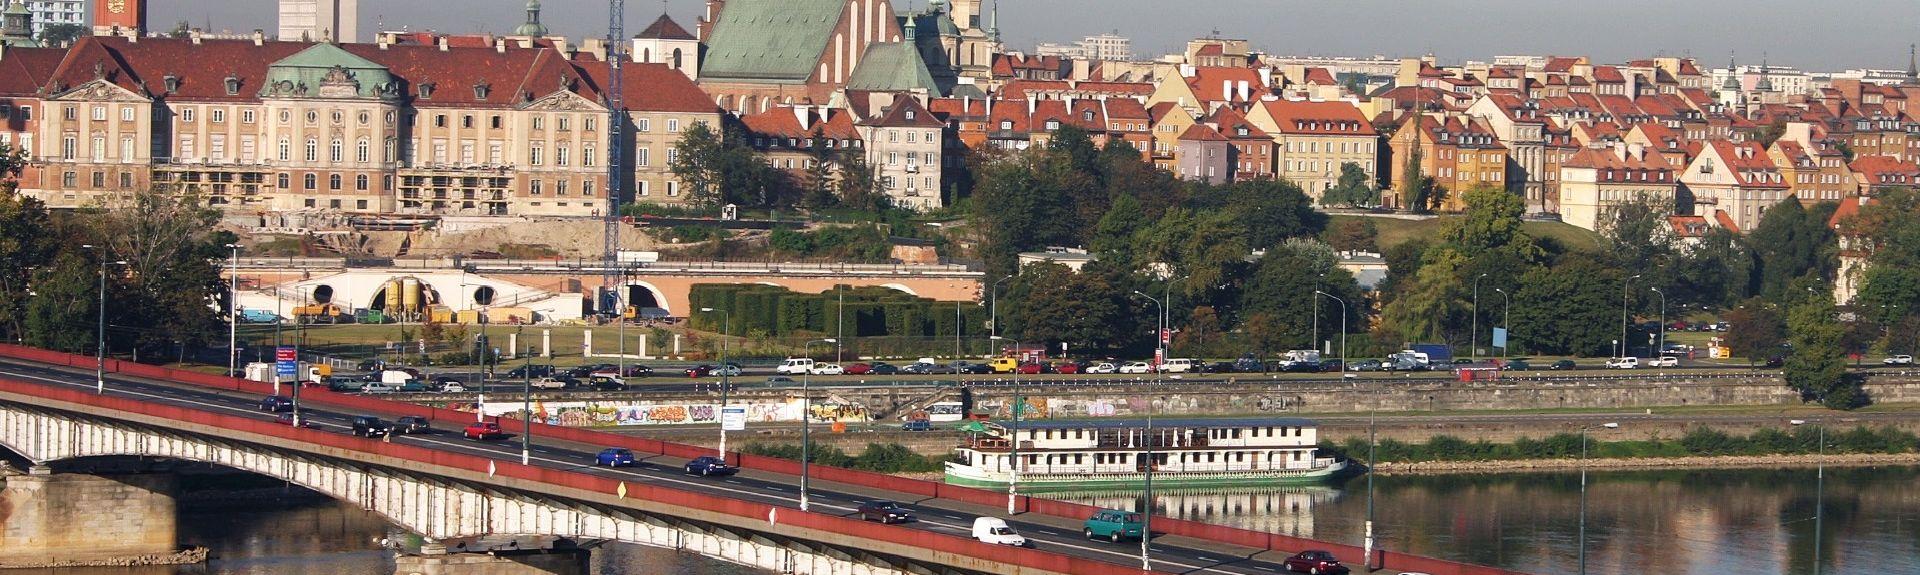 Śródmieście Północne, Warszawa, Poland